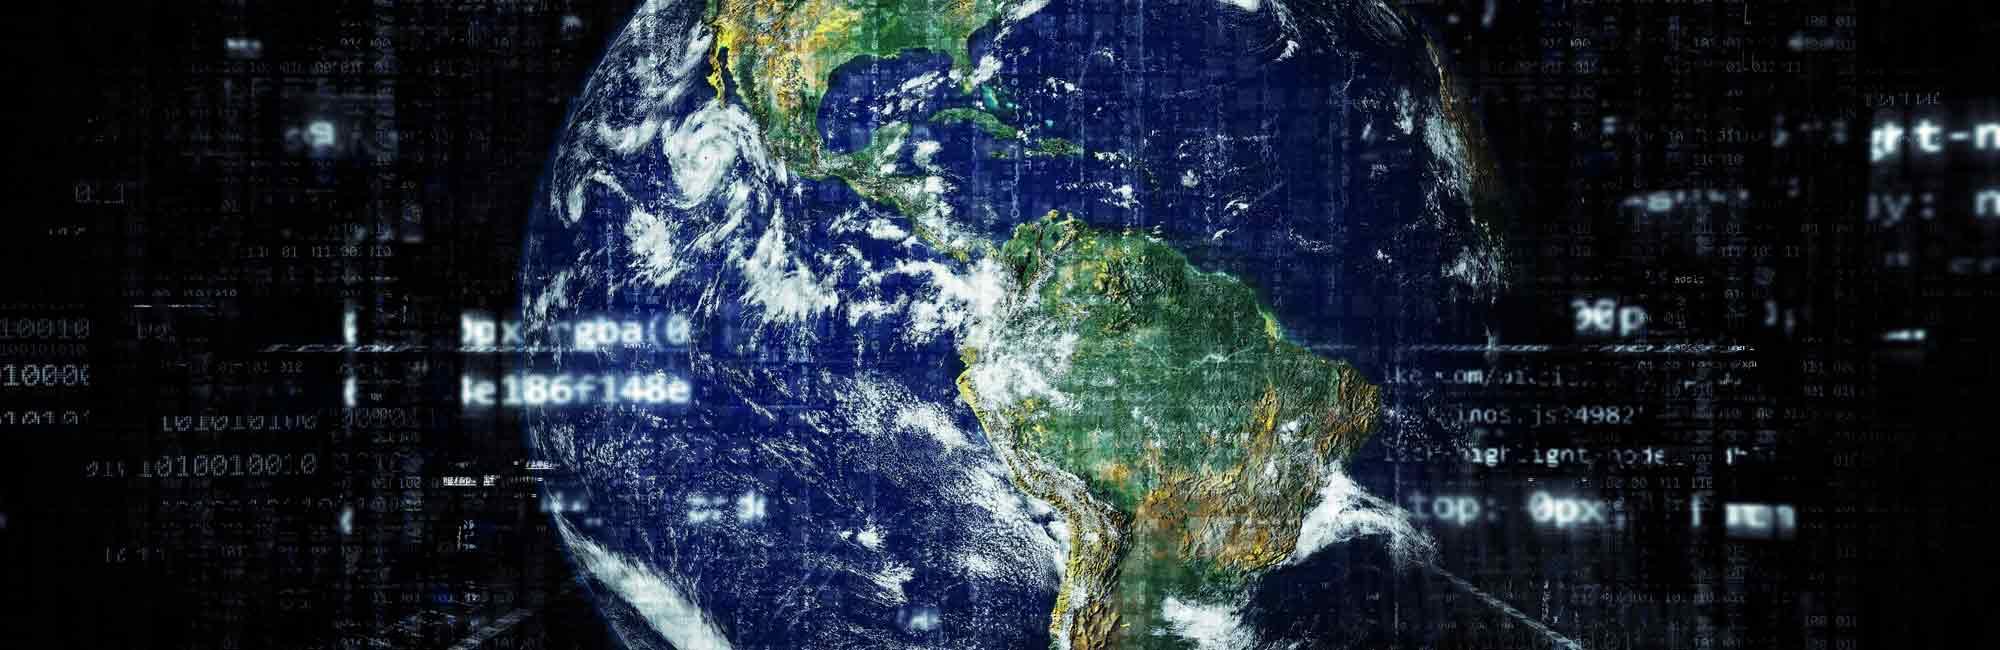 Klanten over de hele wereld - Hoogma Webdesign Beerta